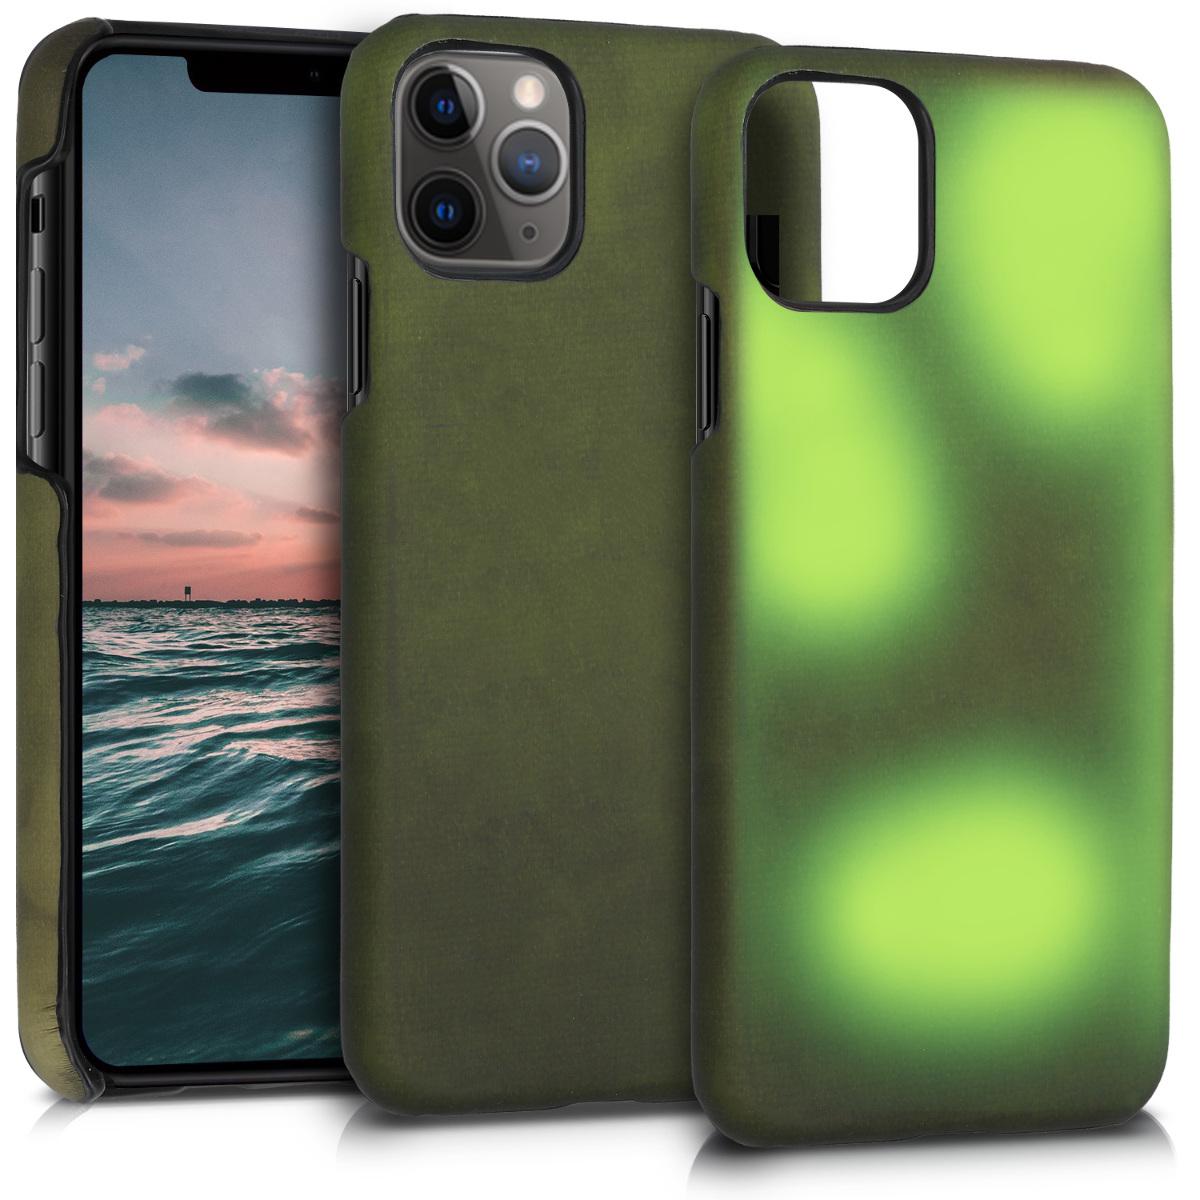 Silikonové teplocitlivé měnící barvy pouzdro obal pro Apple iPhone 11